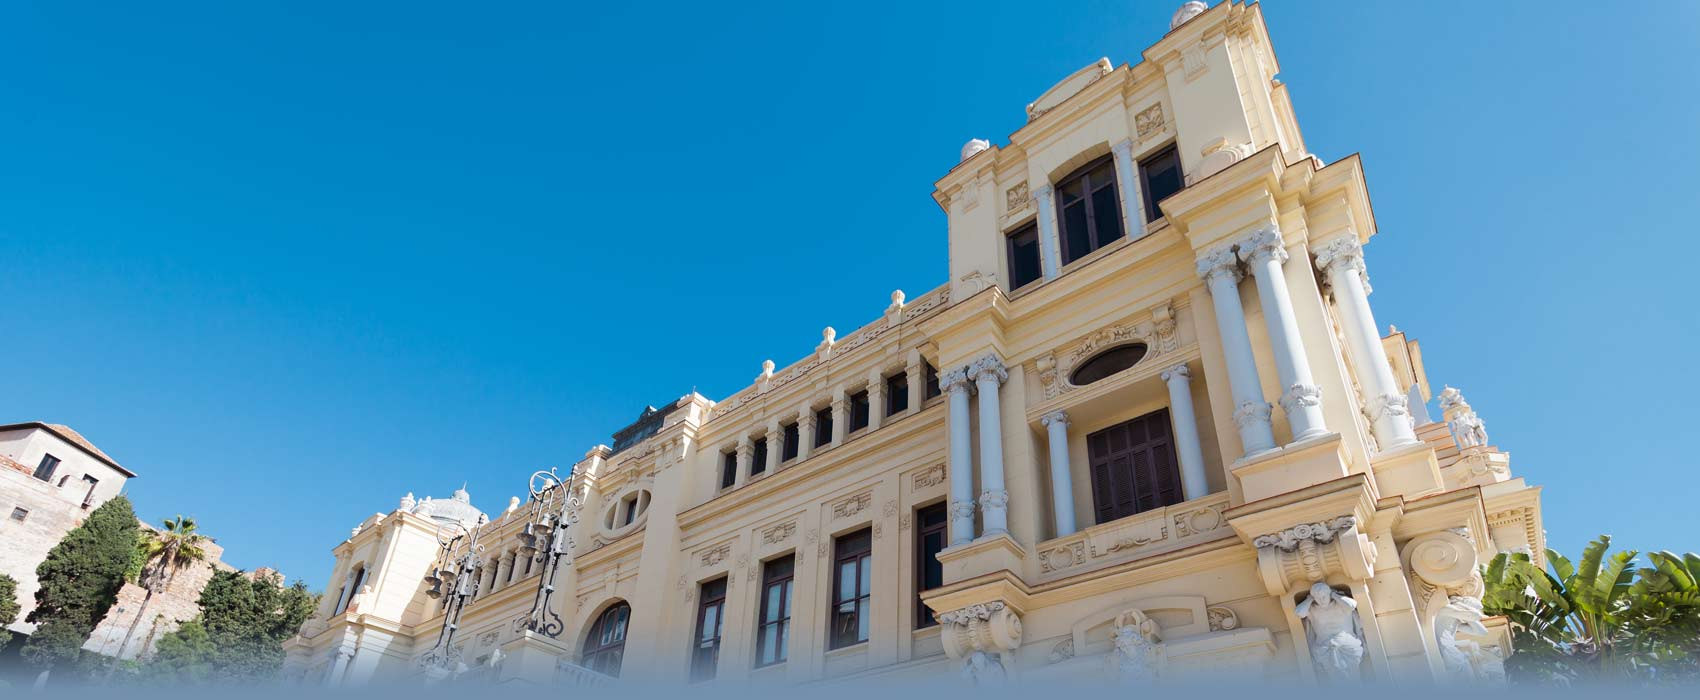 Kultur - Das Rathaus von Malaga